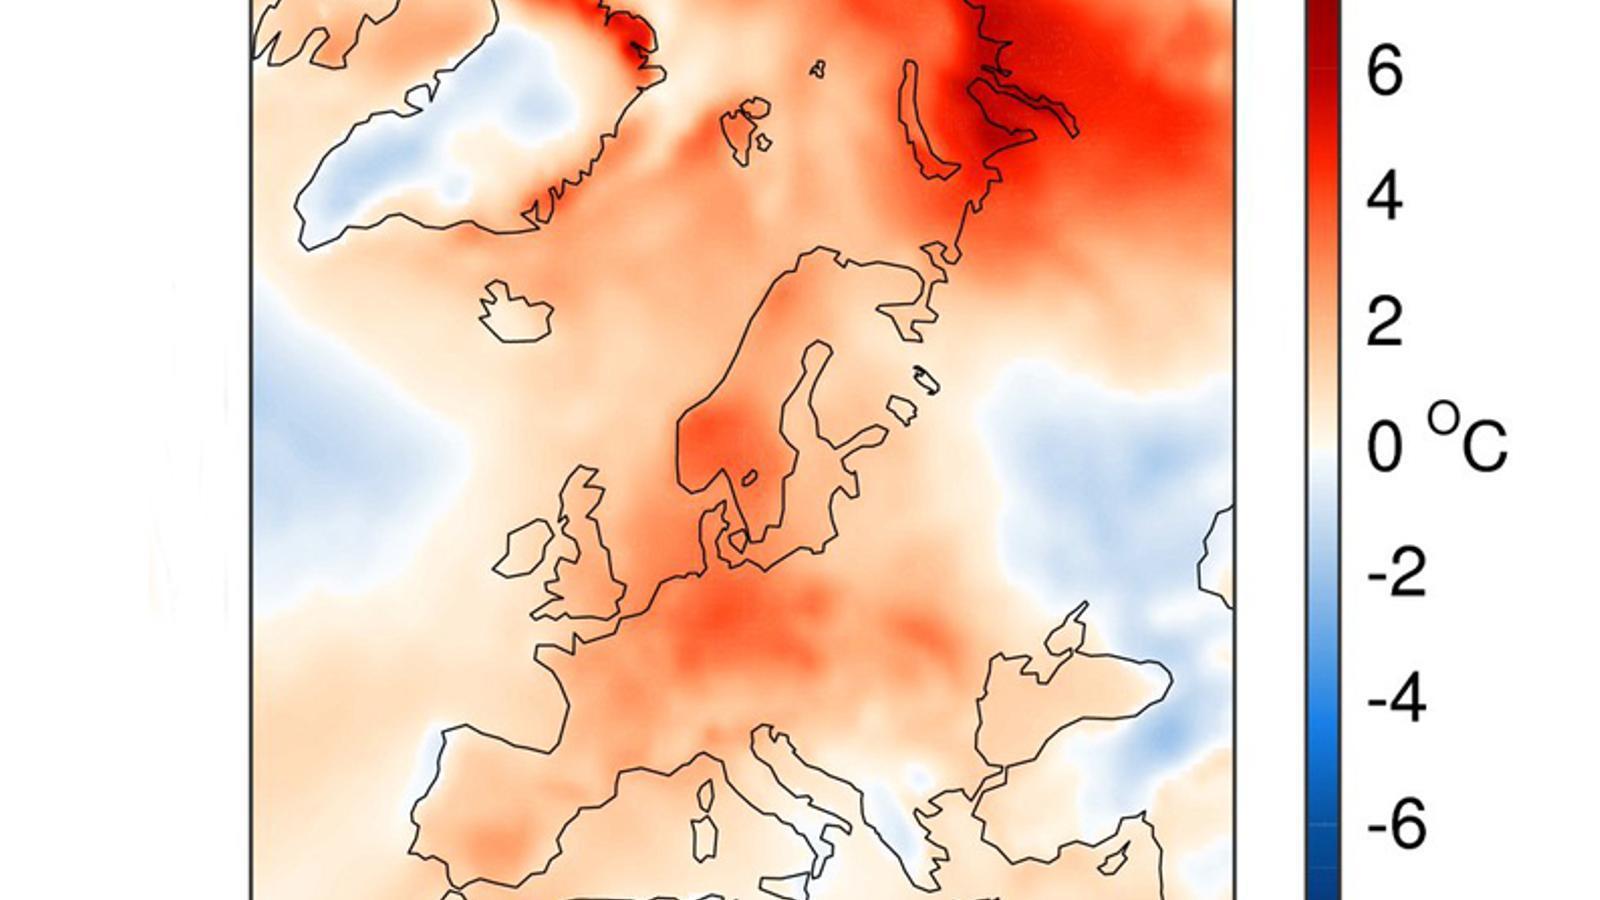 El setembre va tornar a batre rècords a escala planetària pel que fa a la temperatura